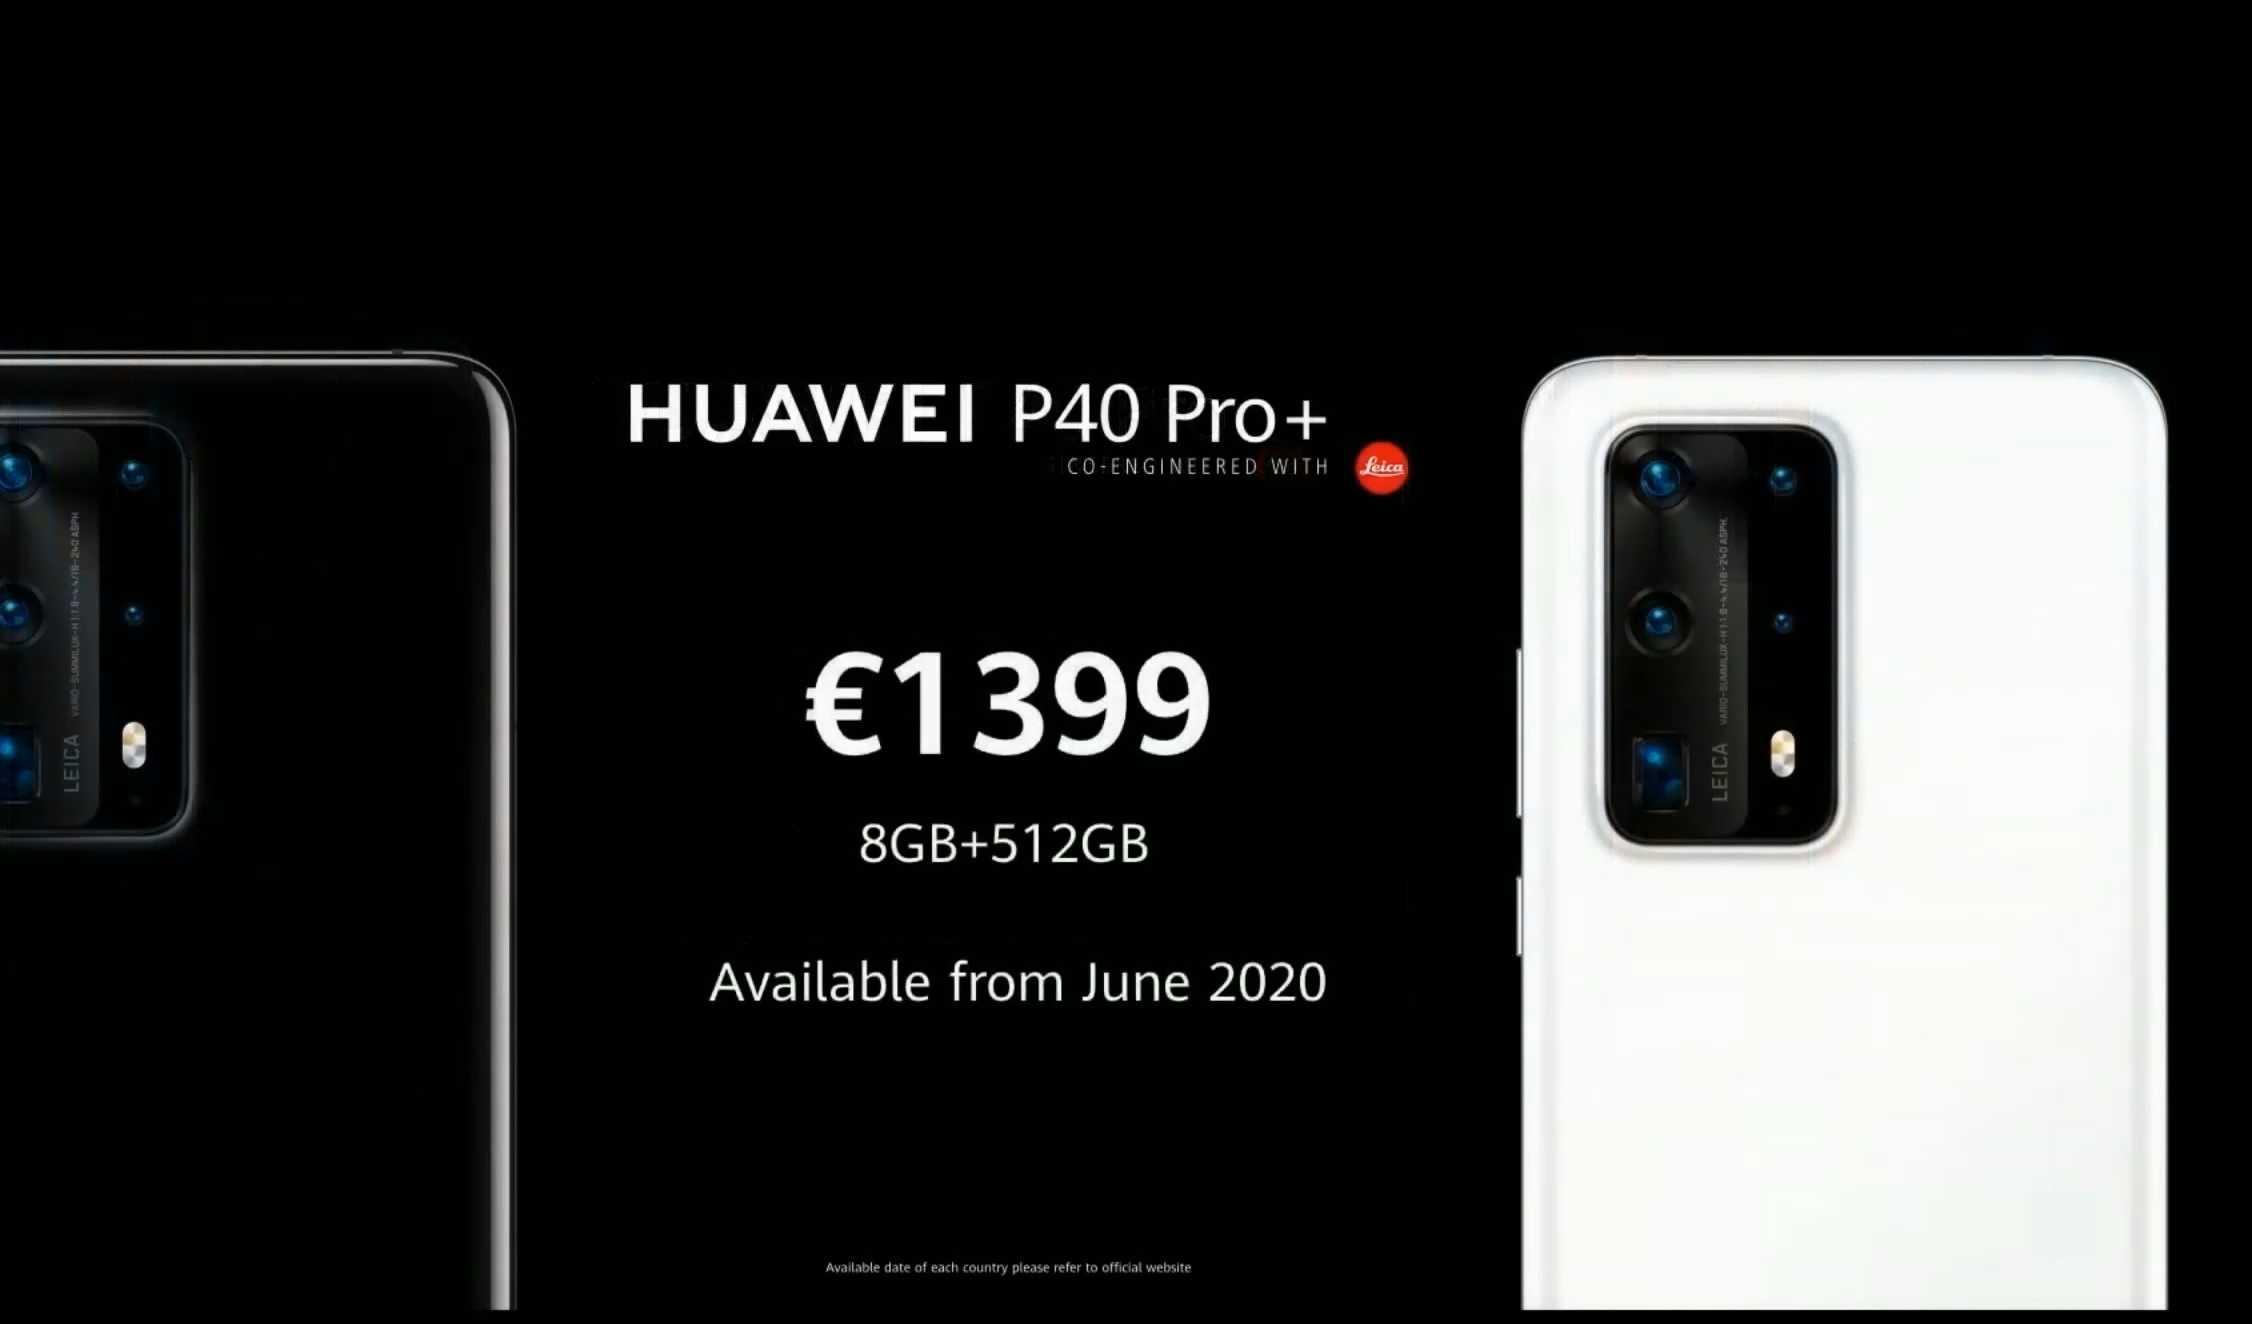 Специалисты компании Huawei представили новое программное обеспечение для своей линейки флагманов включая P40 а также P40 Pro Обновление с серийным номером EMUI